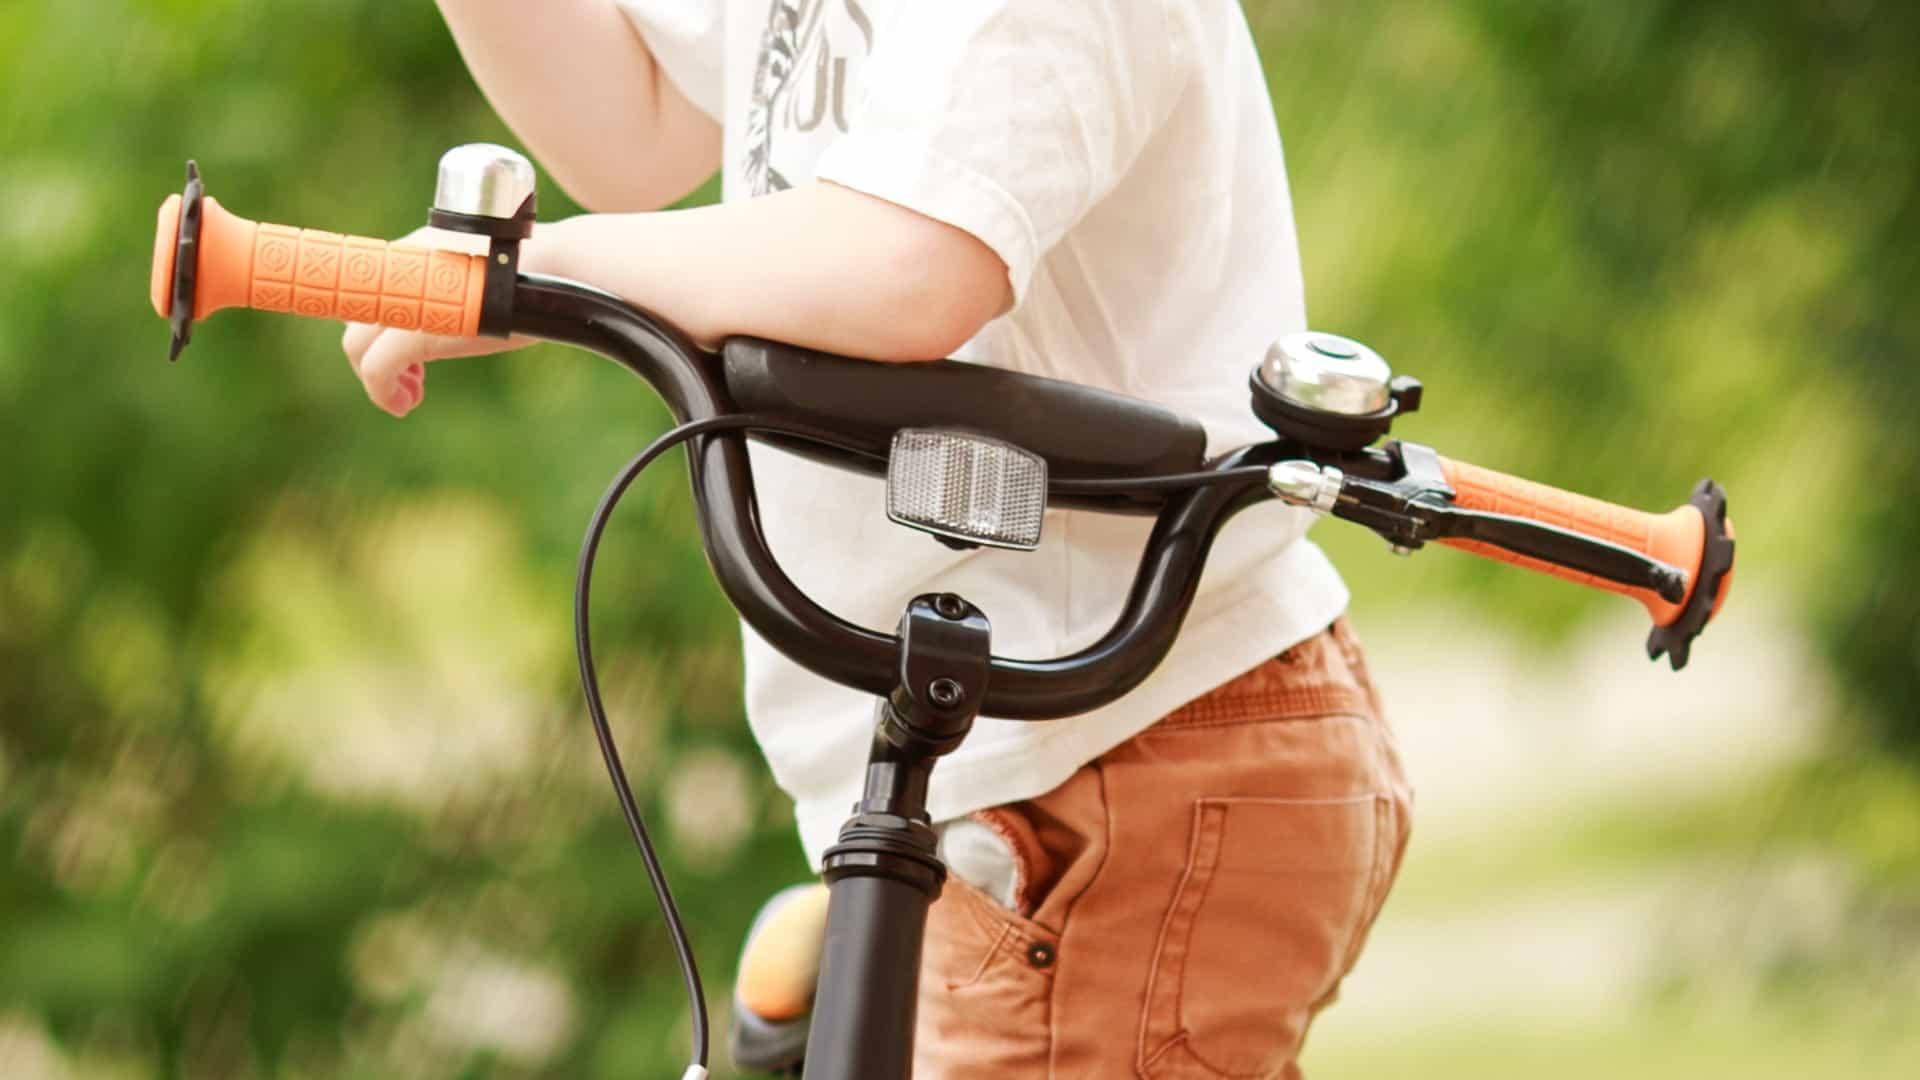 Miglior bicicletta per bambini 2020: Guida all'acquisto